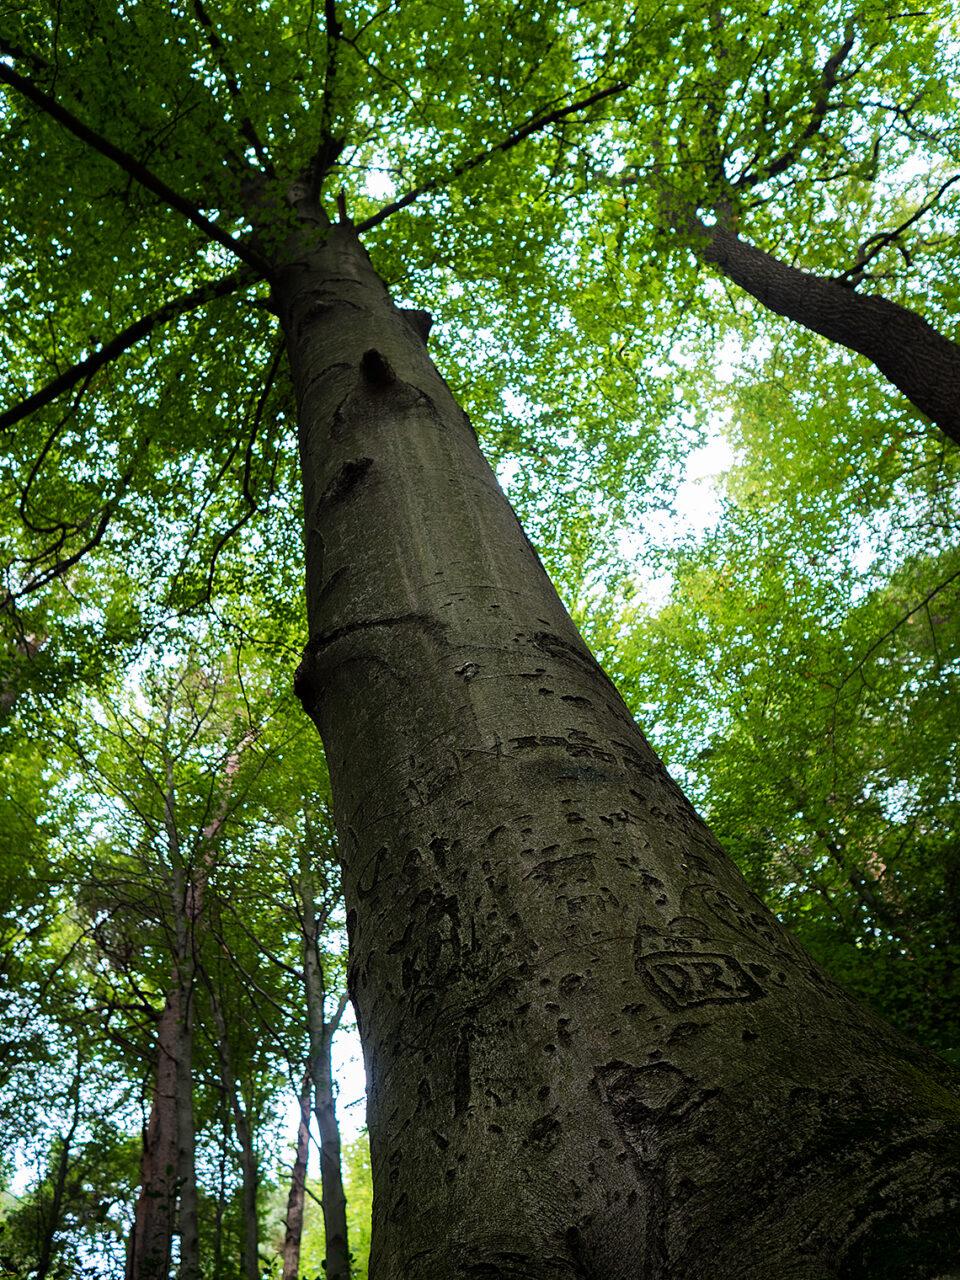 Karsten Rohrbeck: Buchen-Baum im Bensberger Wald